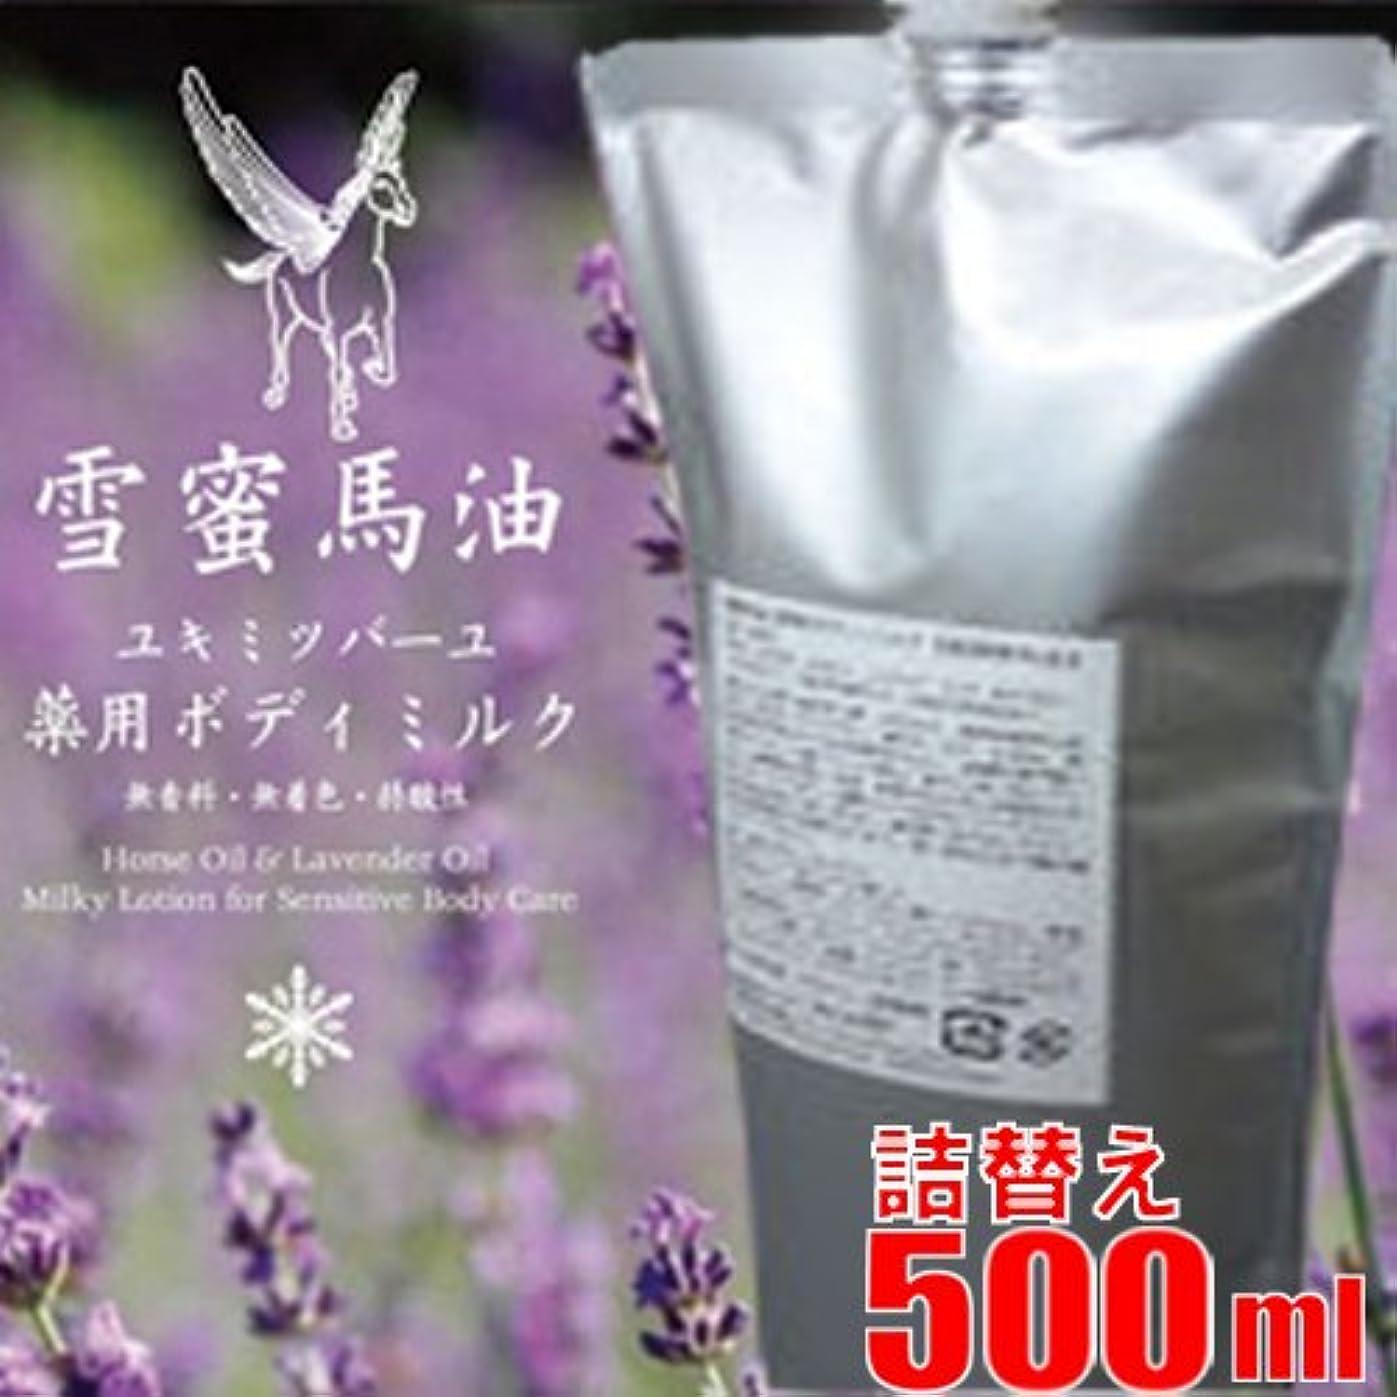 凝縮する光パンフレット【詰替え500g】雪蜜馬油 薬用ボディミルク 詰替え500ml